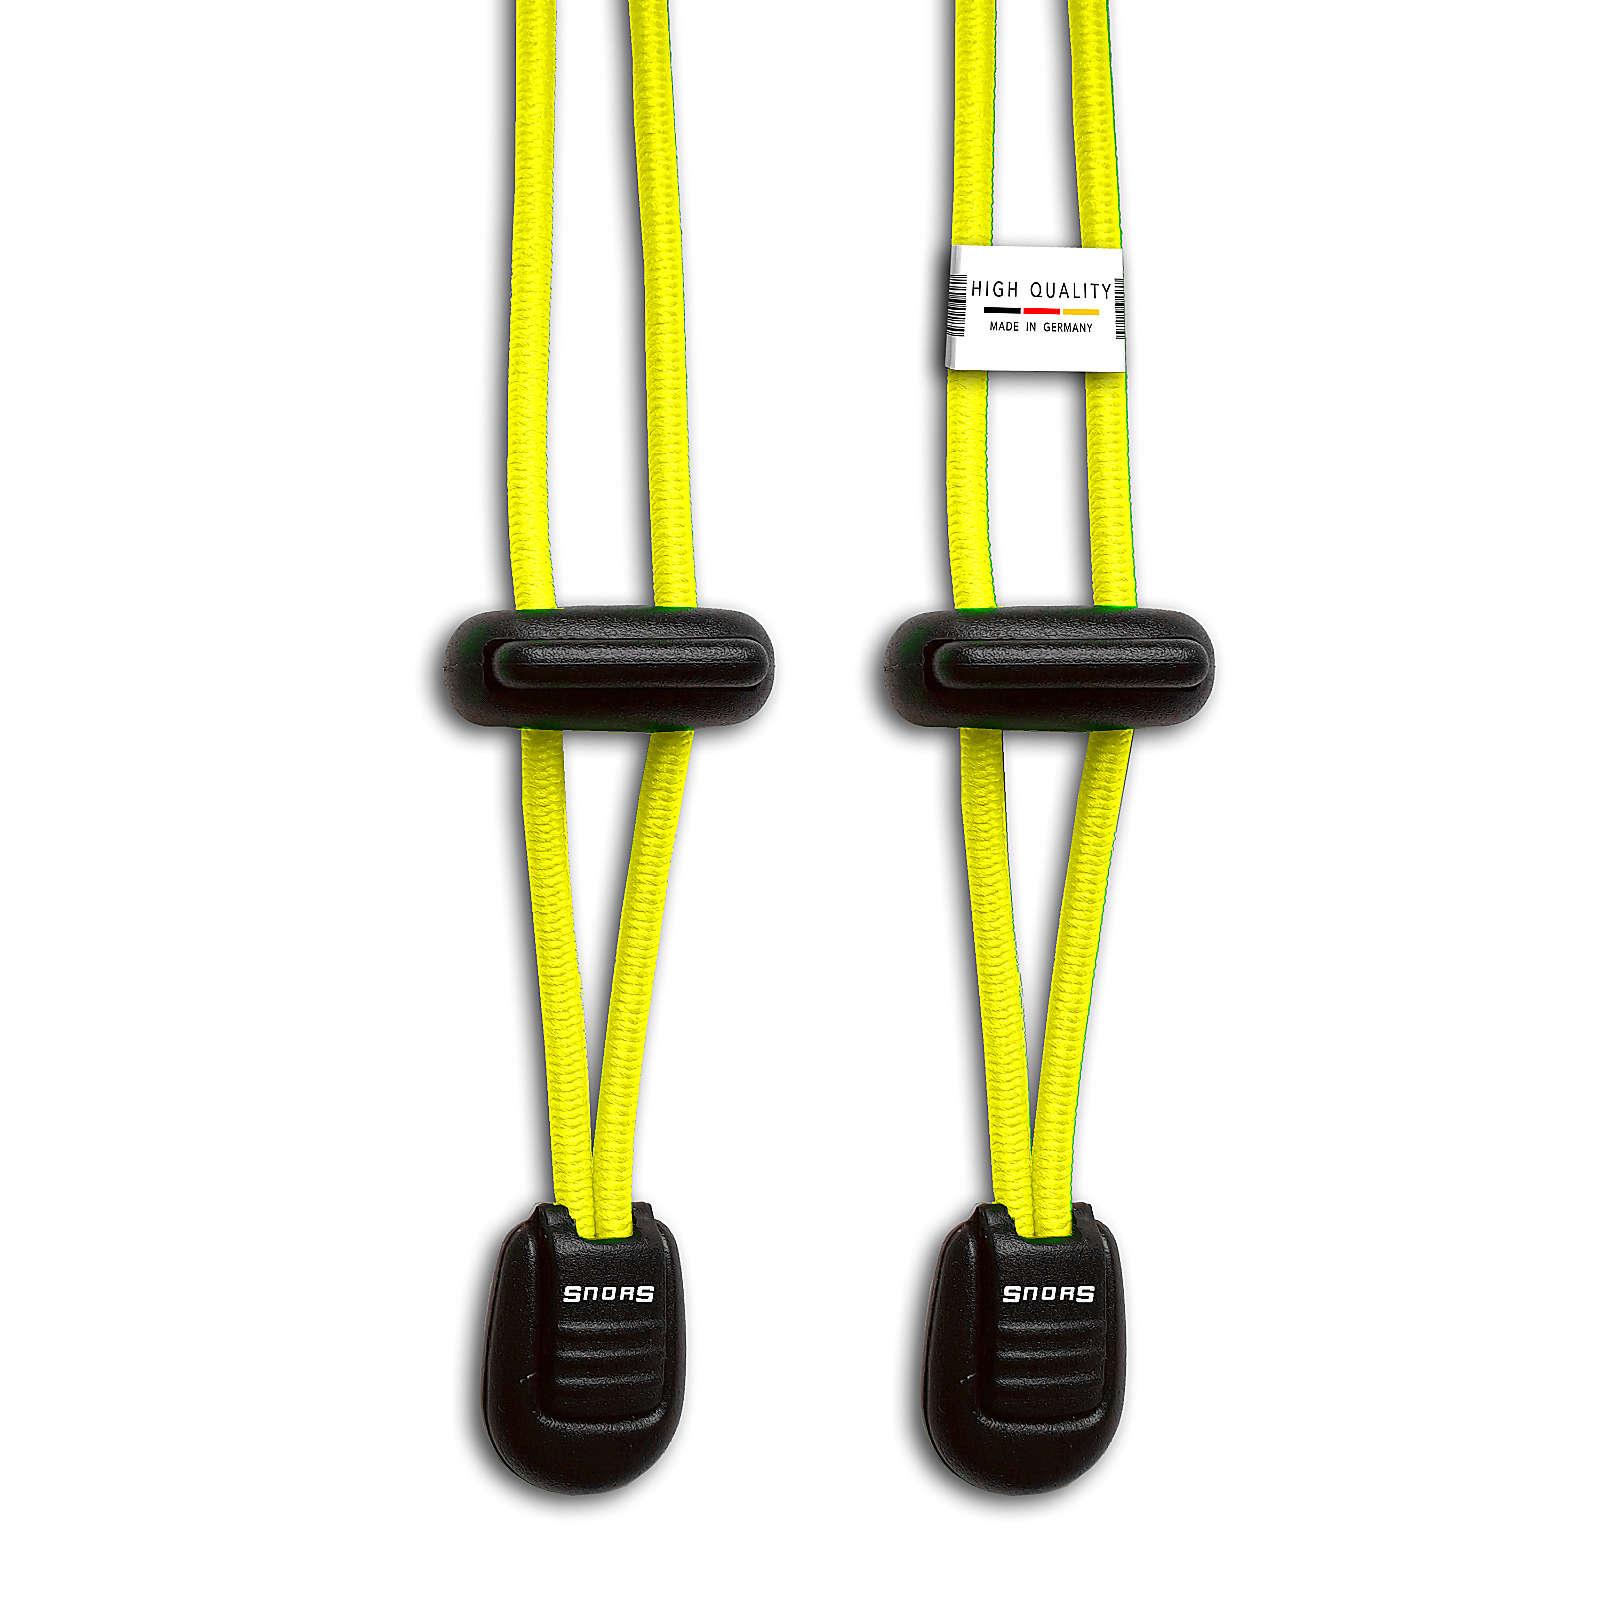 SNORS shoefriends Schnürsystem 120cm - elastische Schnürsenkel mit Schnellverschluss Schnürsenkel neongelb Gr. 120